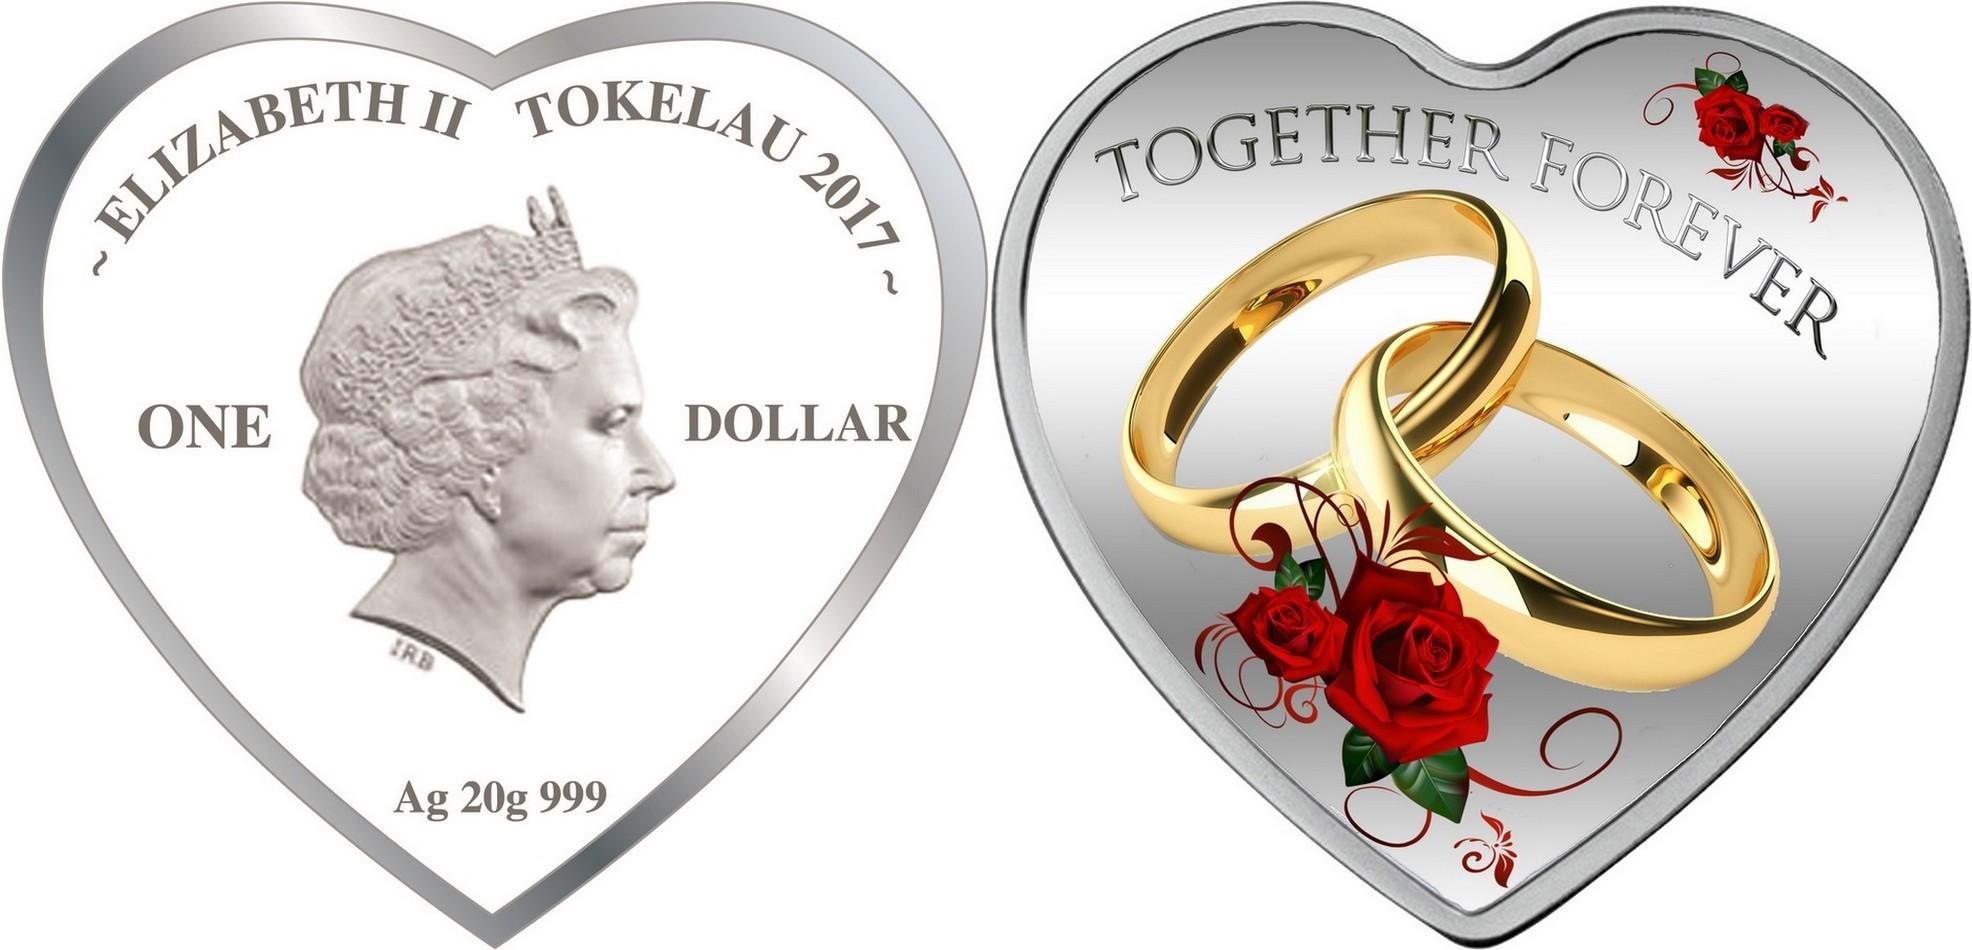 tokelau 2017 ensemble pour toujours